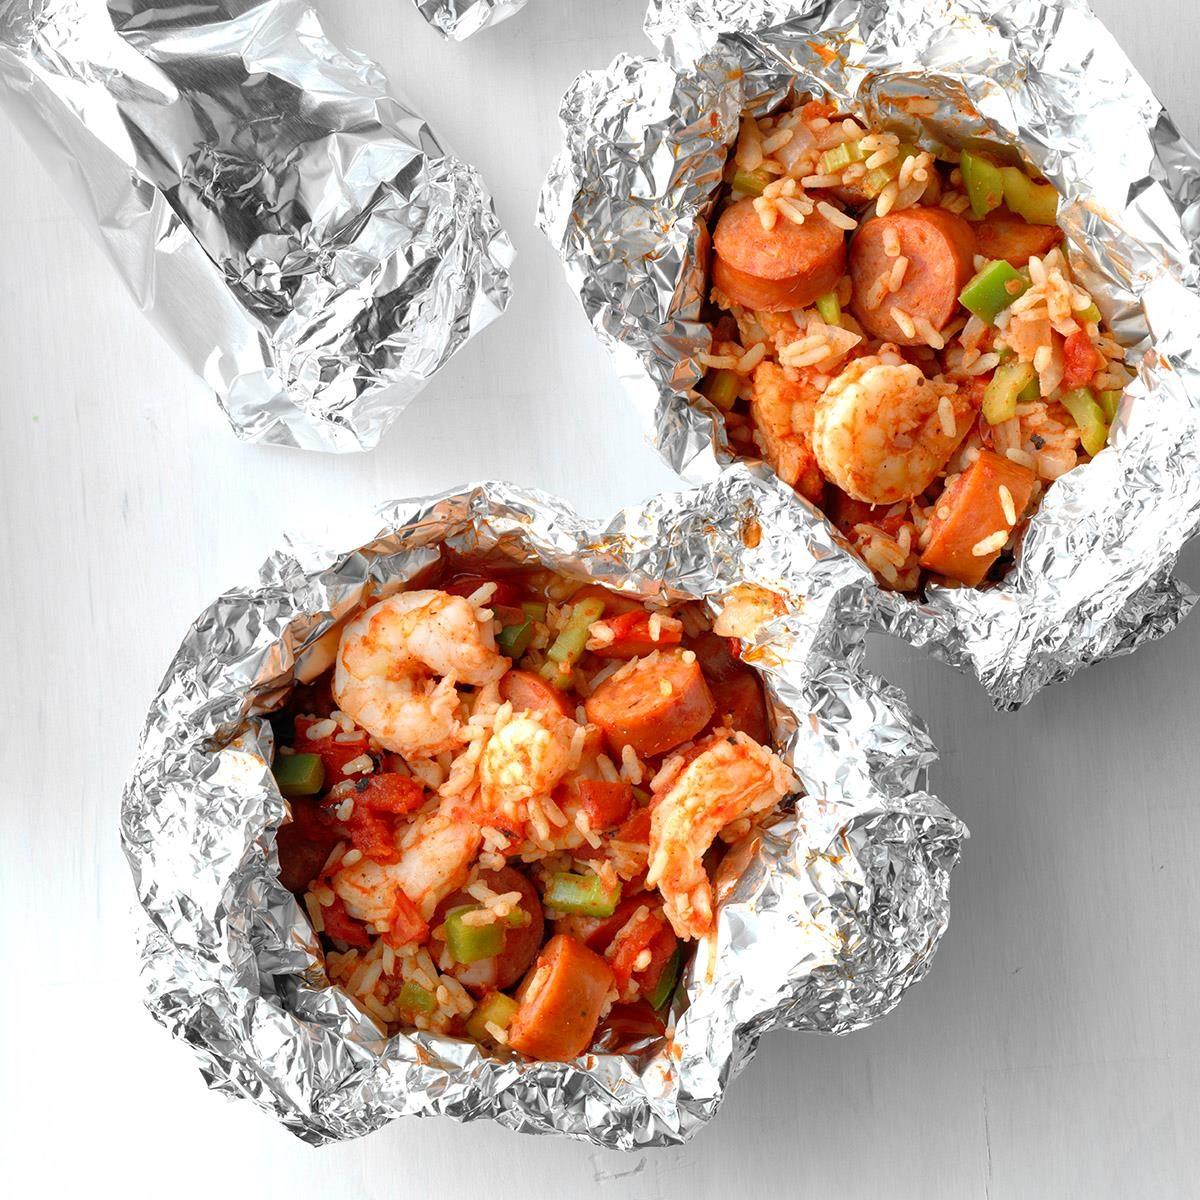 Foil Packet Shrimp And Sausage Jambalaya Exps Sdas18 219065 D03 28  6b 5